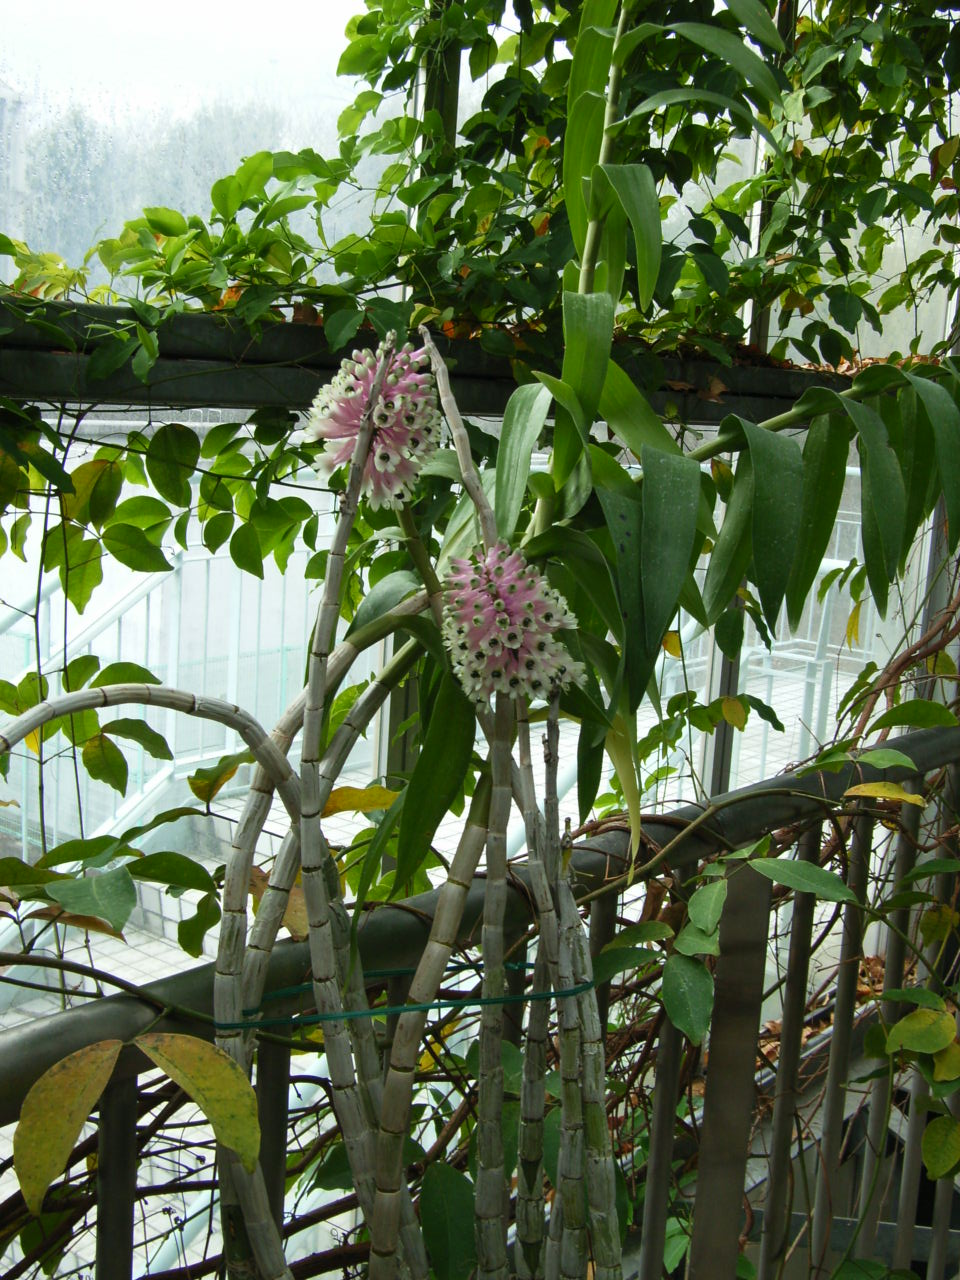 http://orchids.la.coocan.jp/Dendrobium/Dendrobium%20smilliae/R0054108.JPG